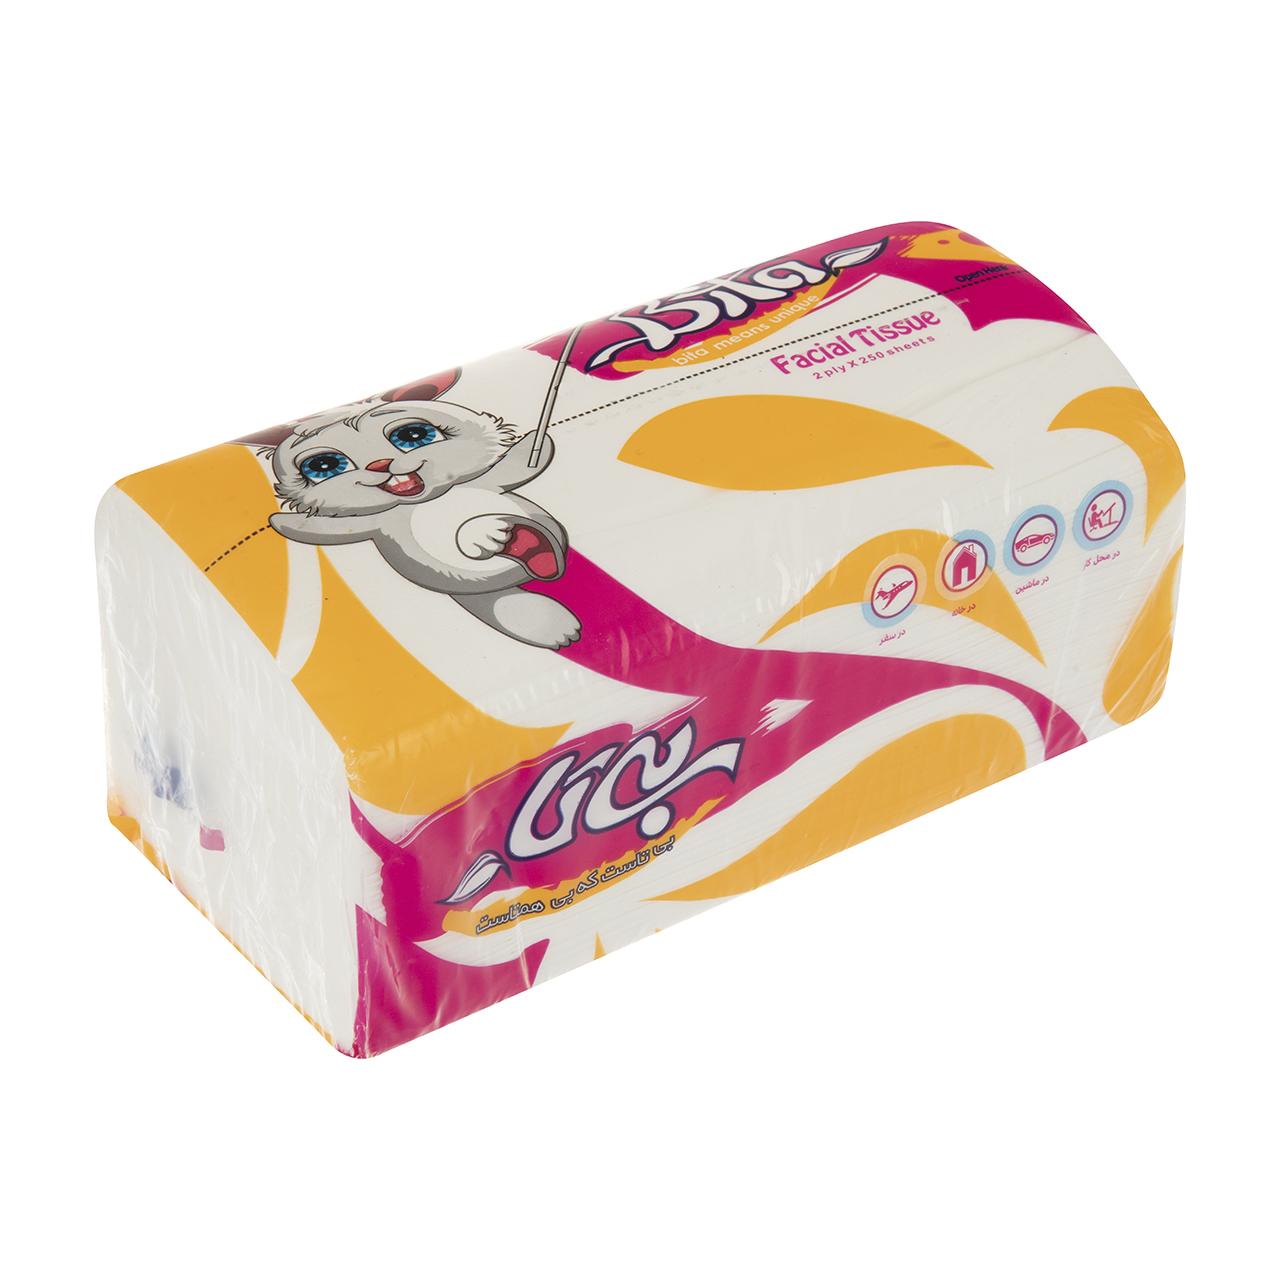 دستمال کاغذی 250 برگ بی تا مدل Rabbit Facial Tissue